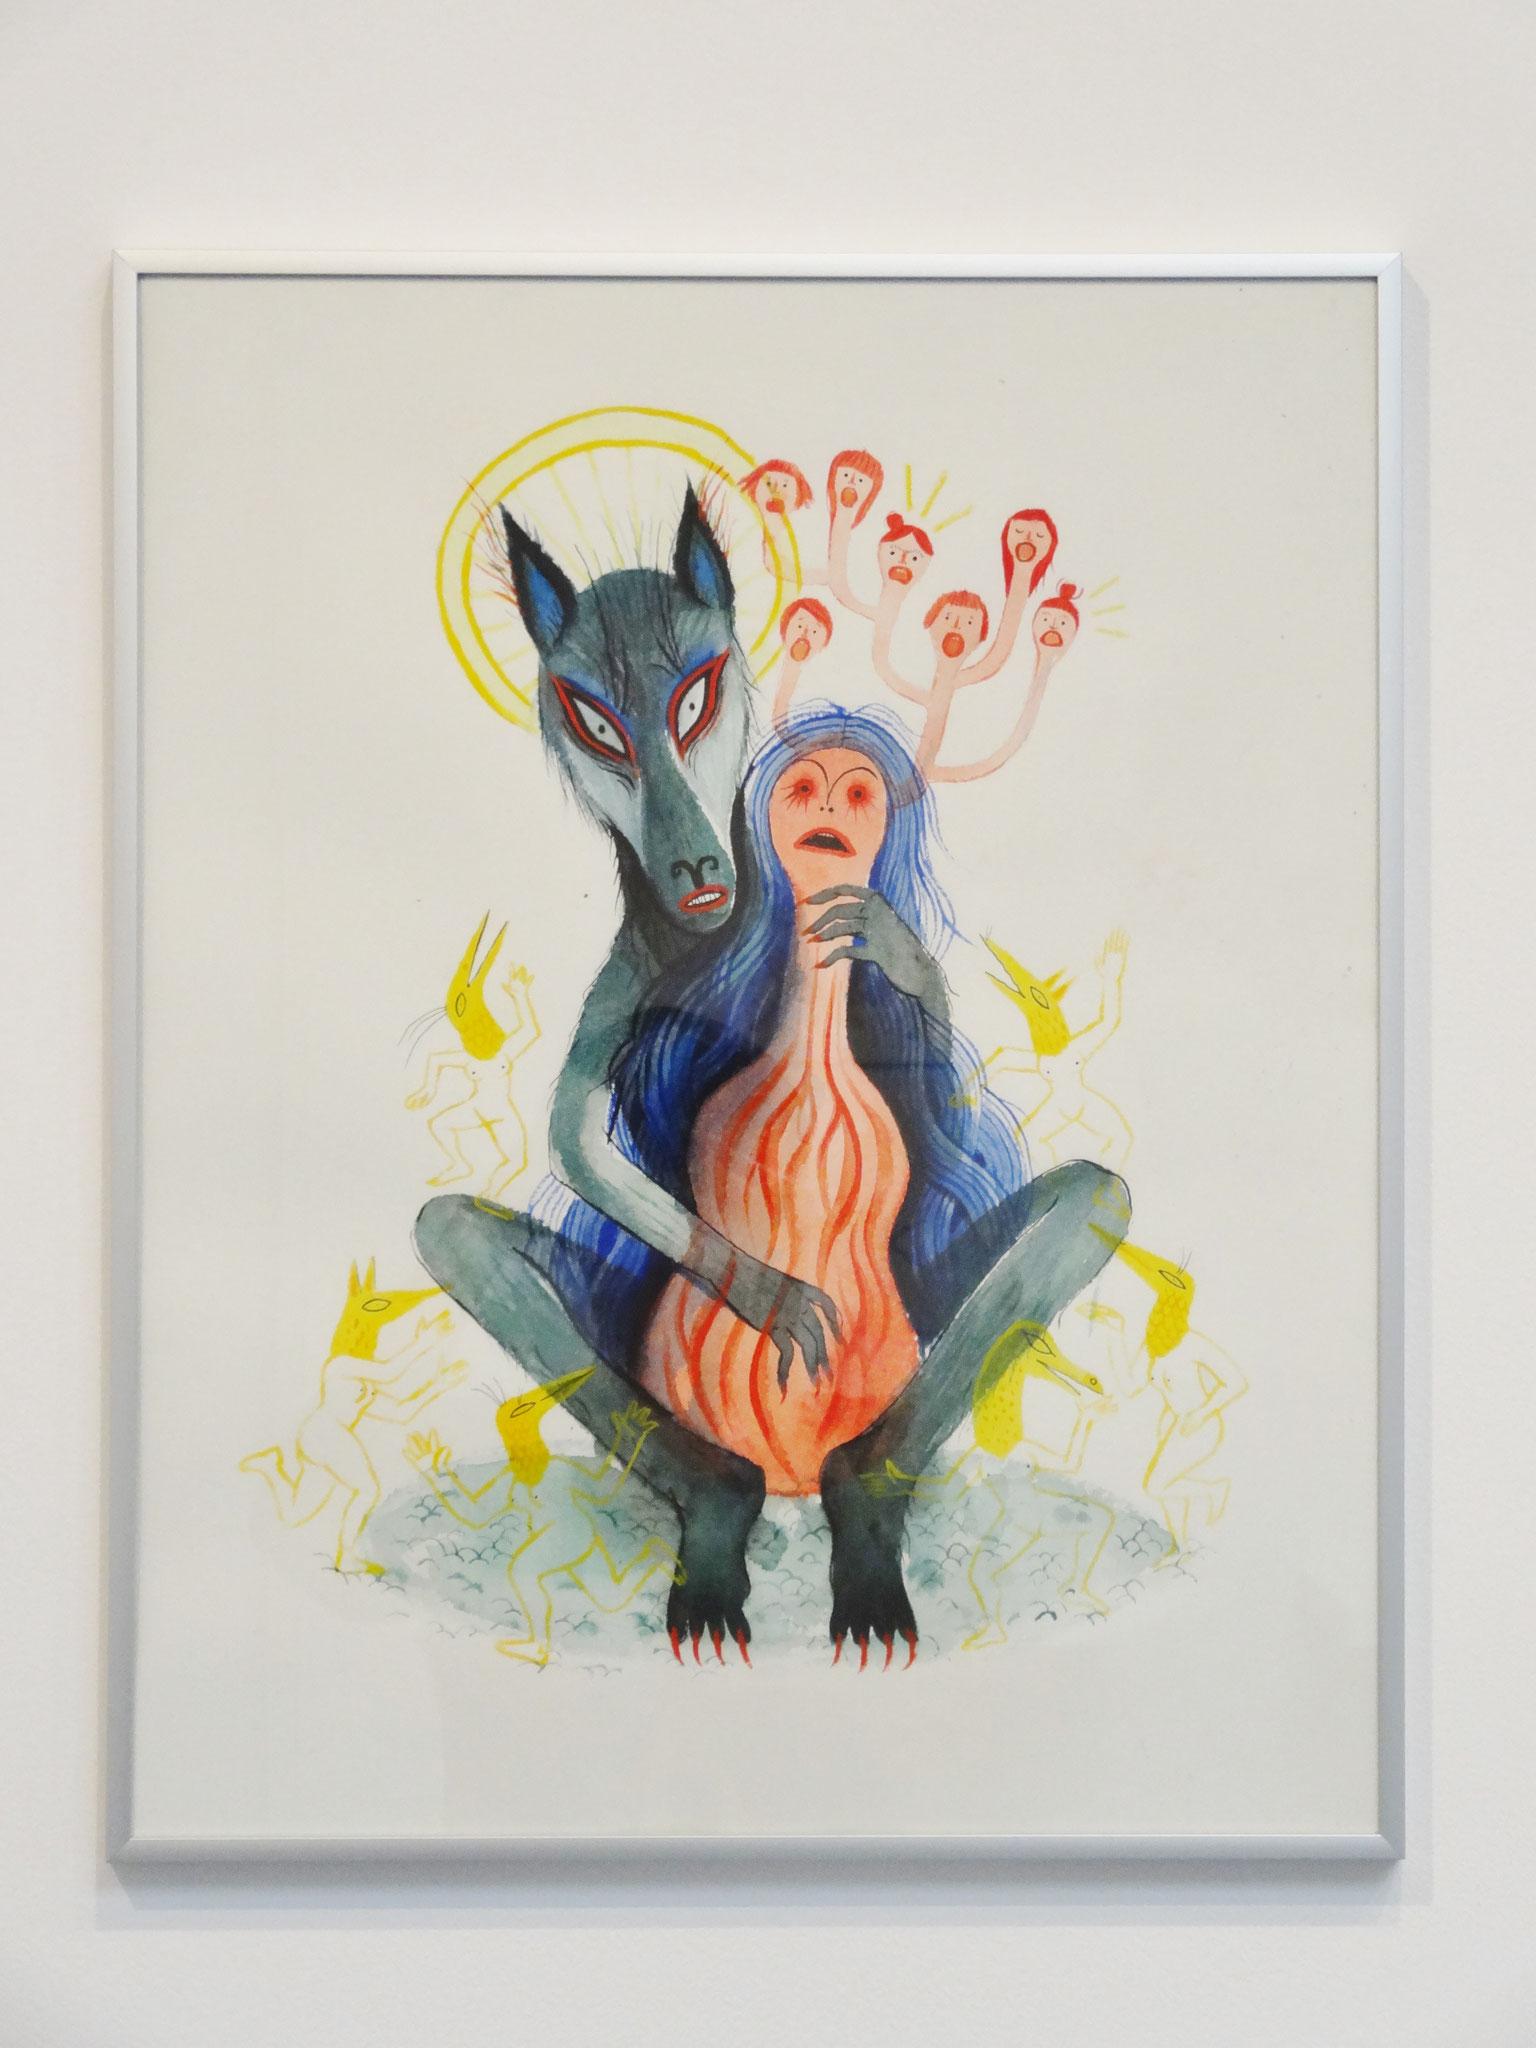 Karine Bernadou, Le joueur de femme, 2016. Aquarelle sur papier Arches 300 gr., 40 x 50 cm.